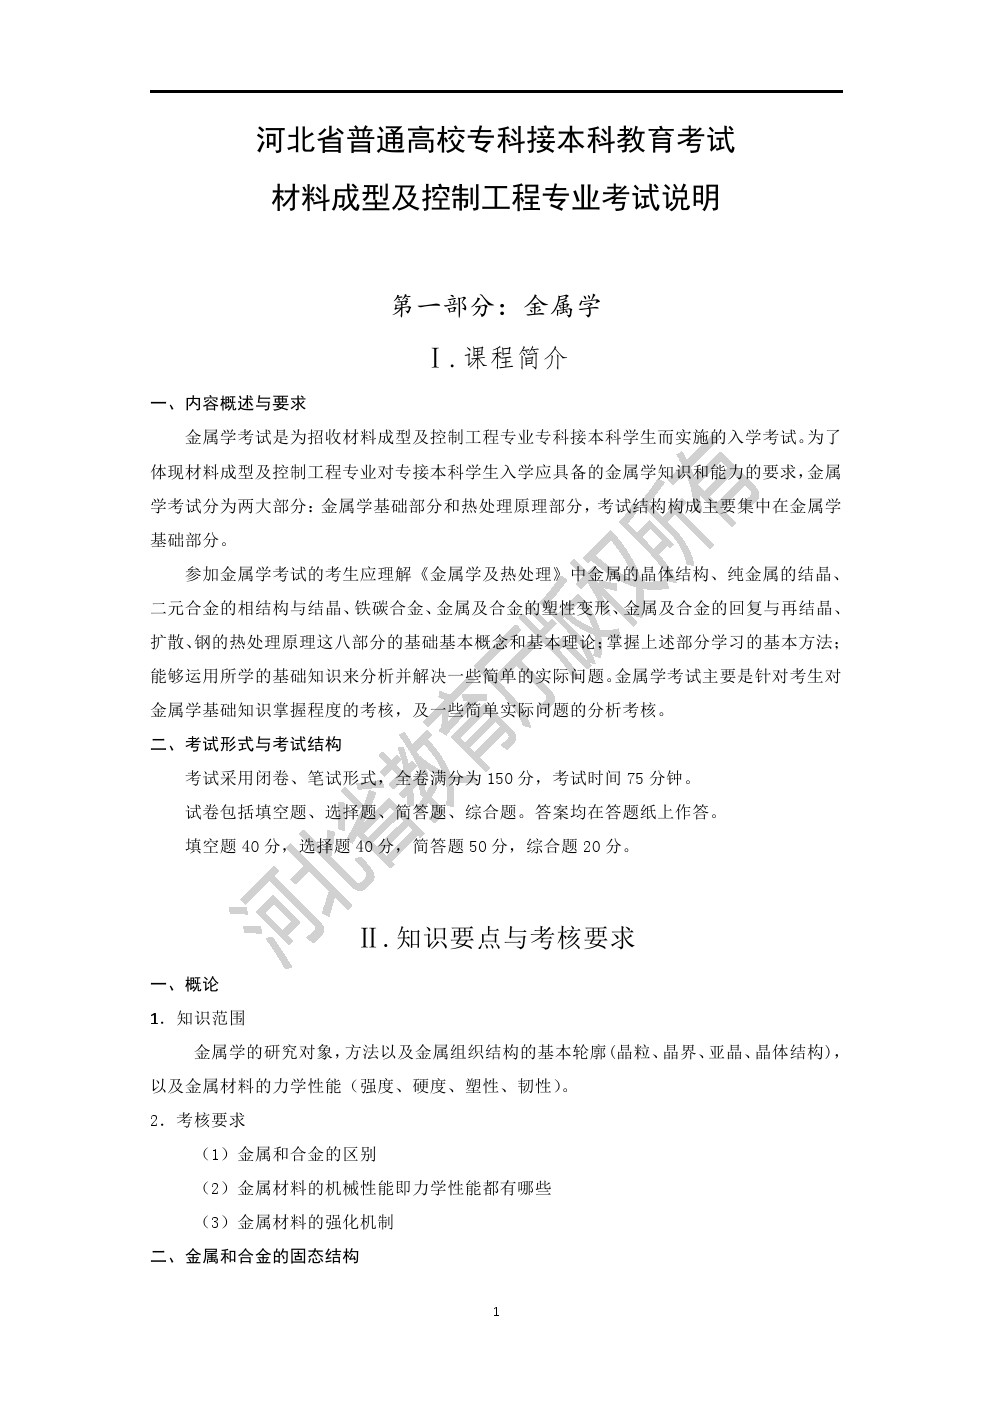 2020年河北省专接本考试理工类-材料成型及控制工程专业考试说明(金属学、金属塑性变形原理)